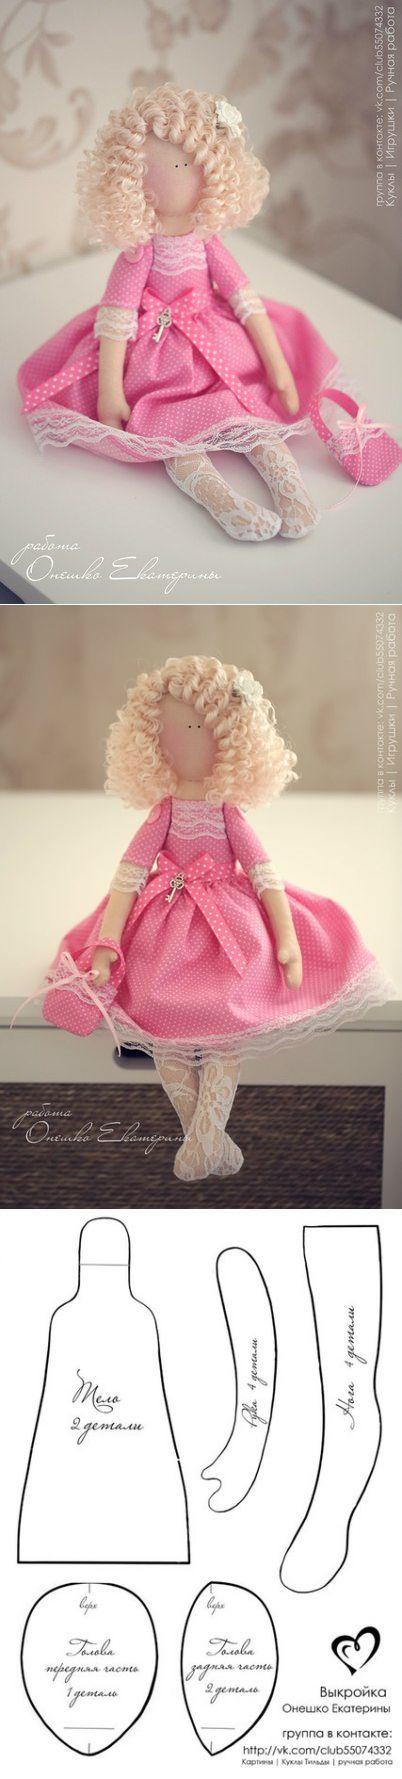 Куколка Mеry. Выкройка | Ёськин ящик с игрушками | Постила